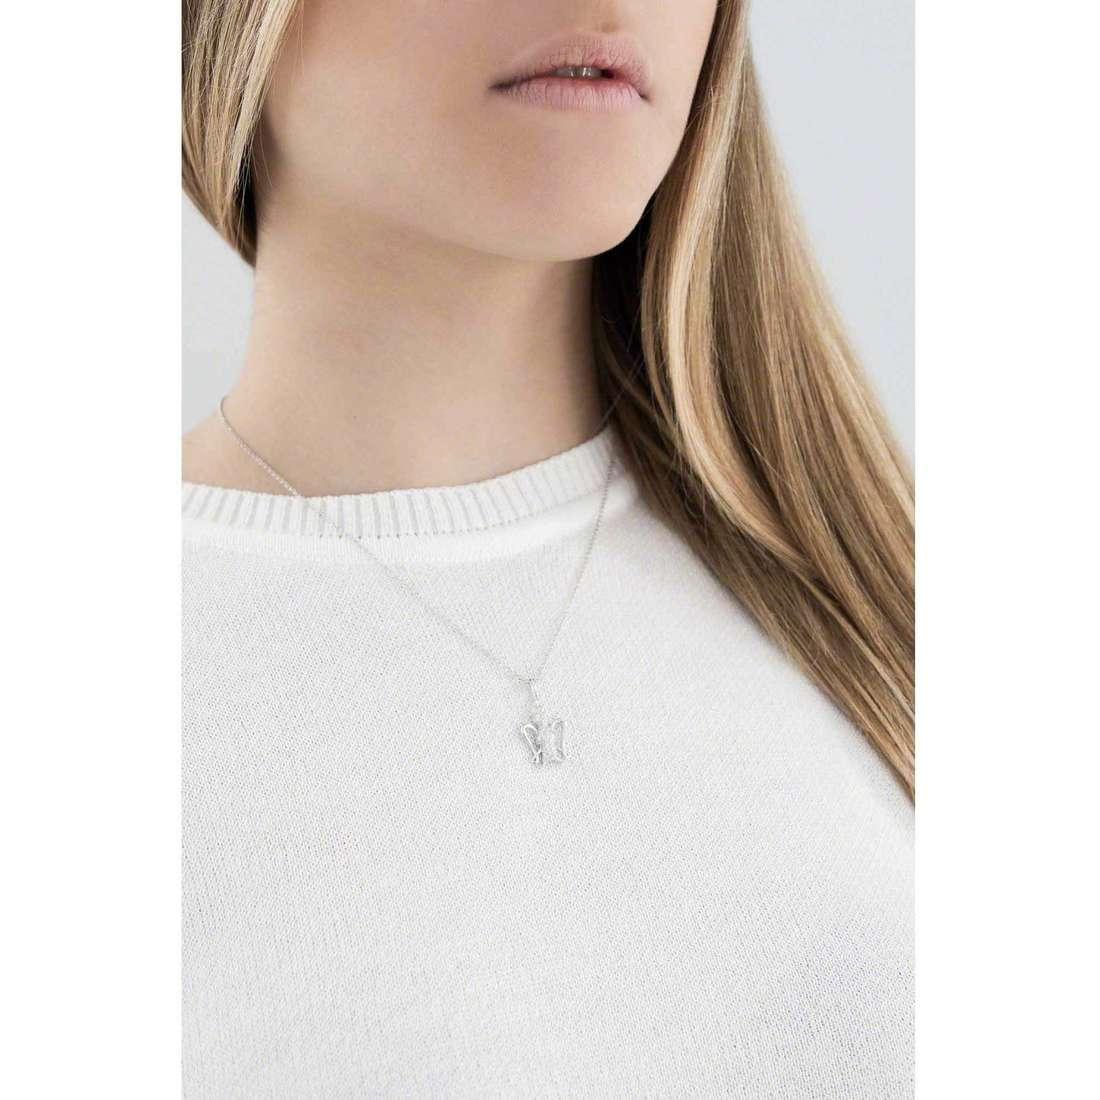 Giannotti necklaces Chiama Angeli woman GIA136 indosso